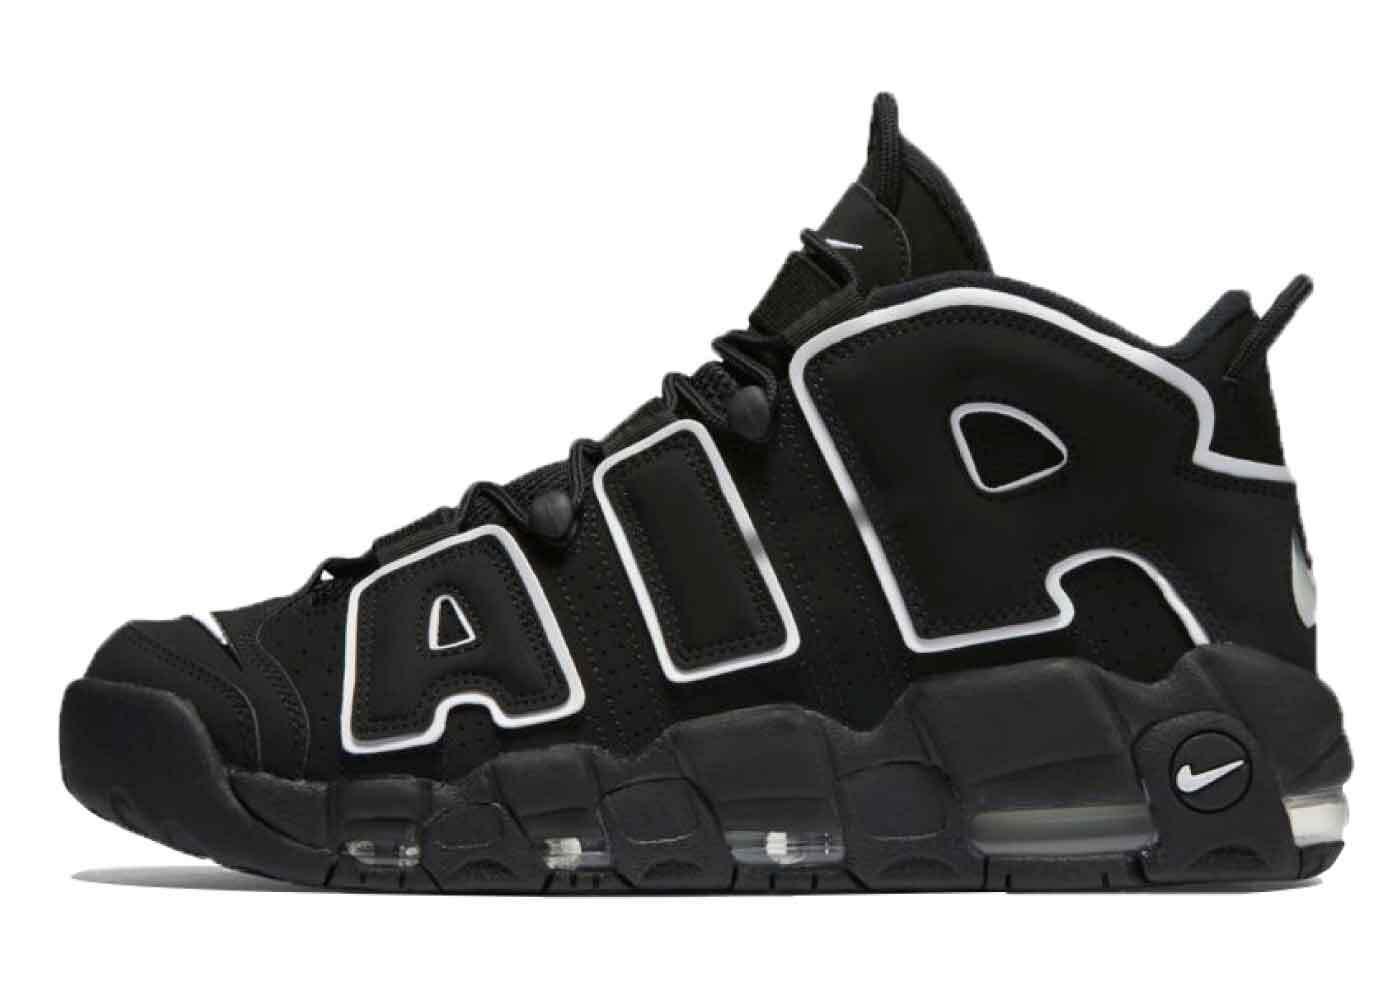 Nike Air More Uptempo Black (2020)の写真